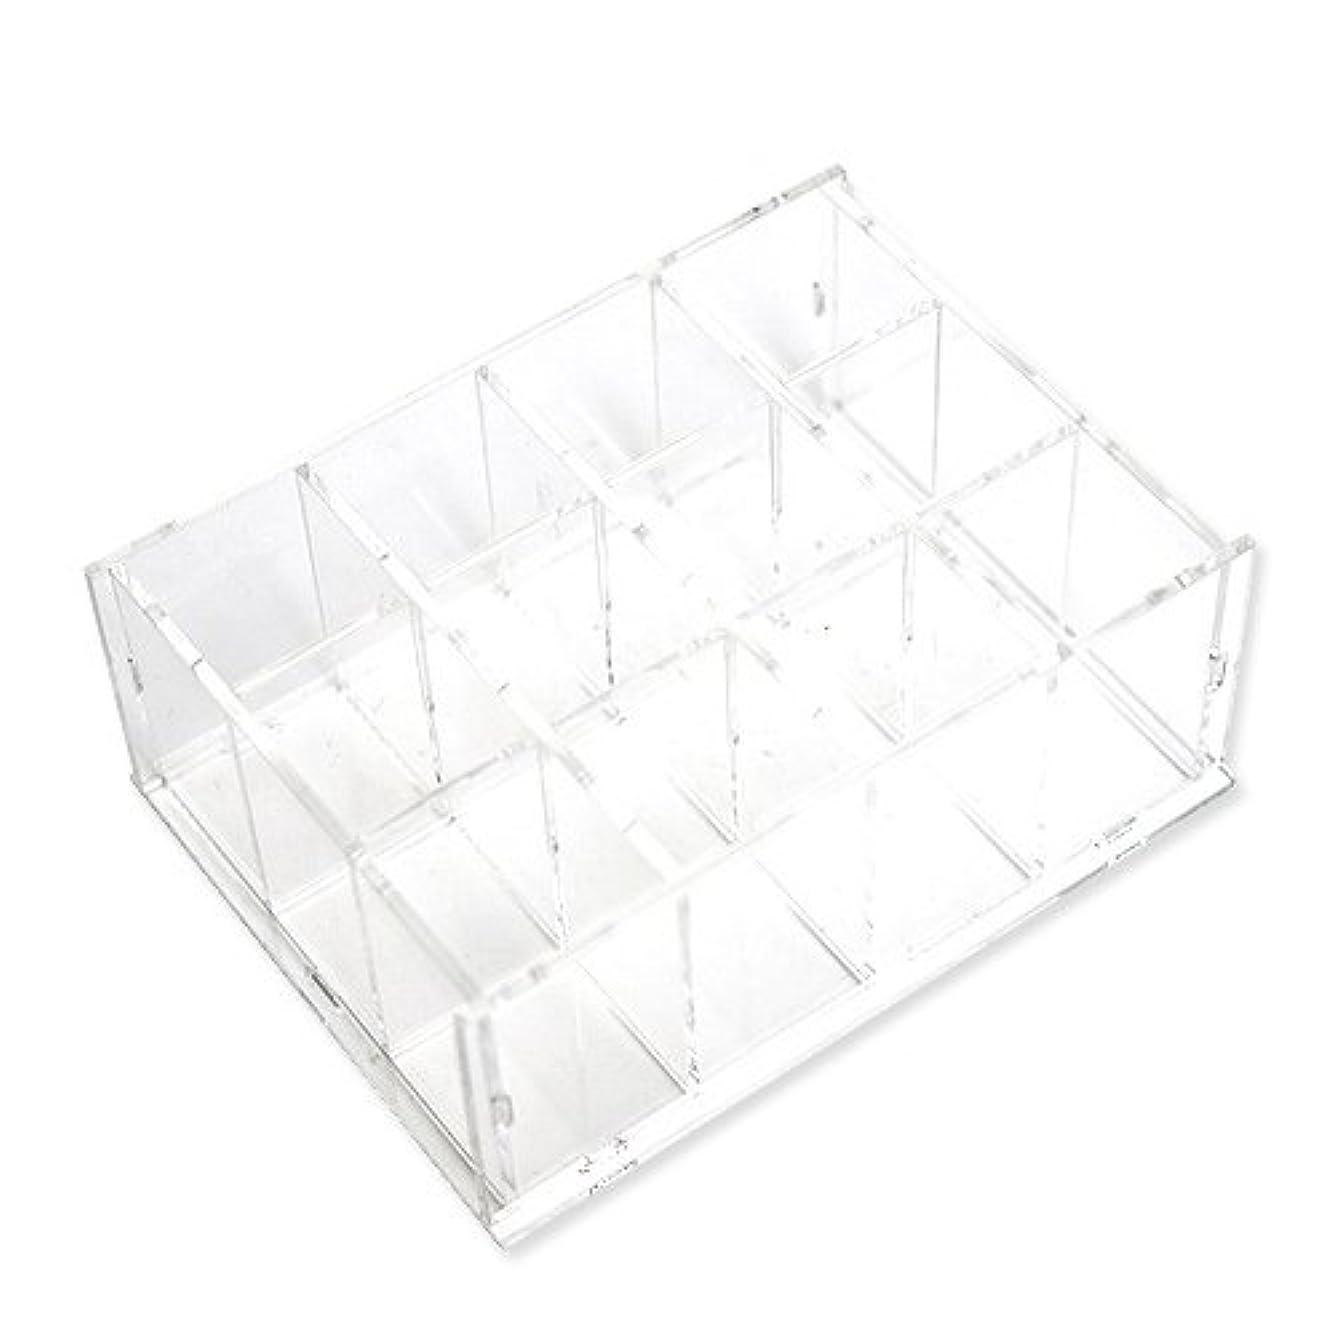 ボット畝間反対するDIY 透明 アクリル コスメ 収納ボックス Mini long stick case [並行輸入品]